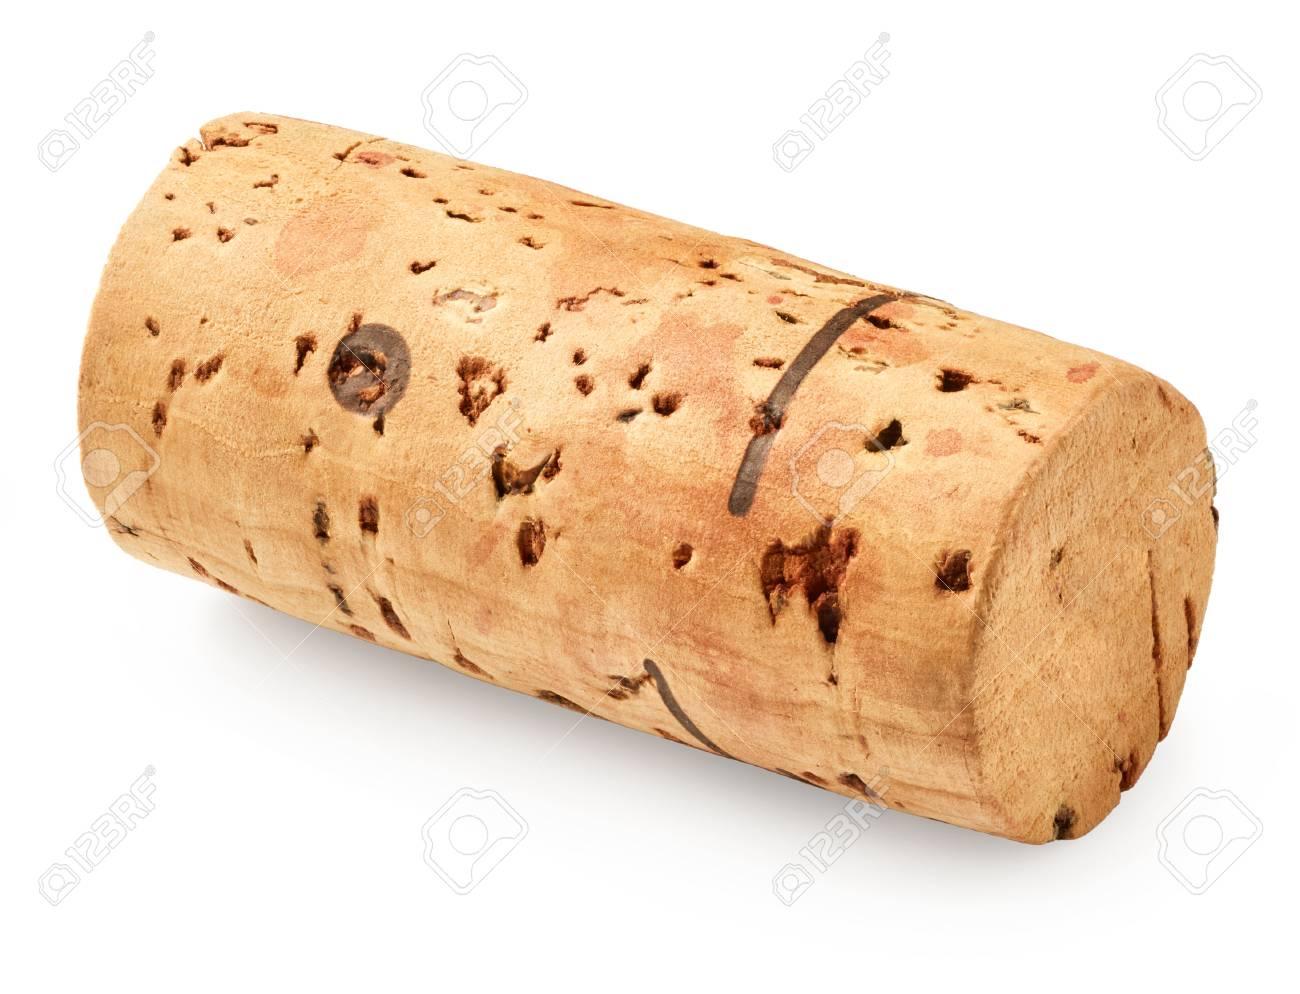 Wine cork isolated on white background - 63935557